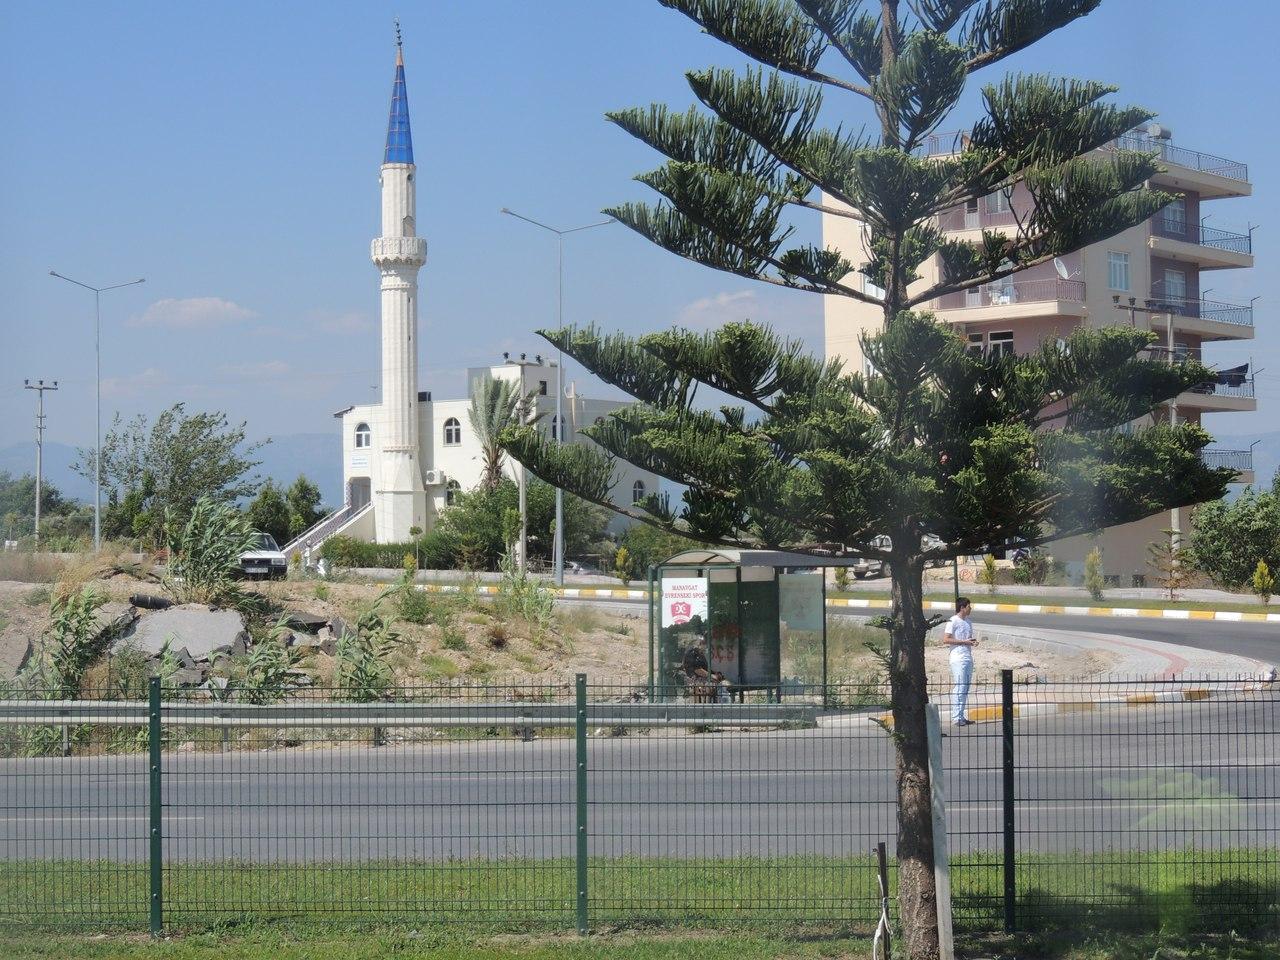 Мечети в Турции везде и повсюду.